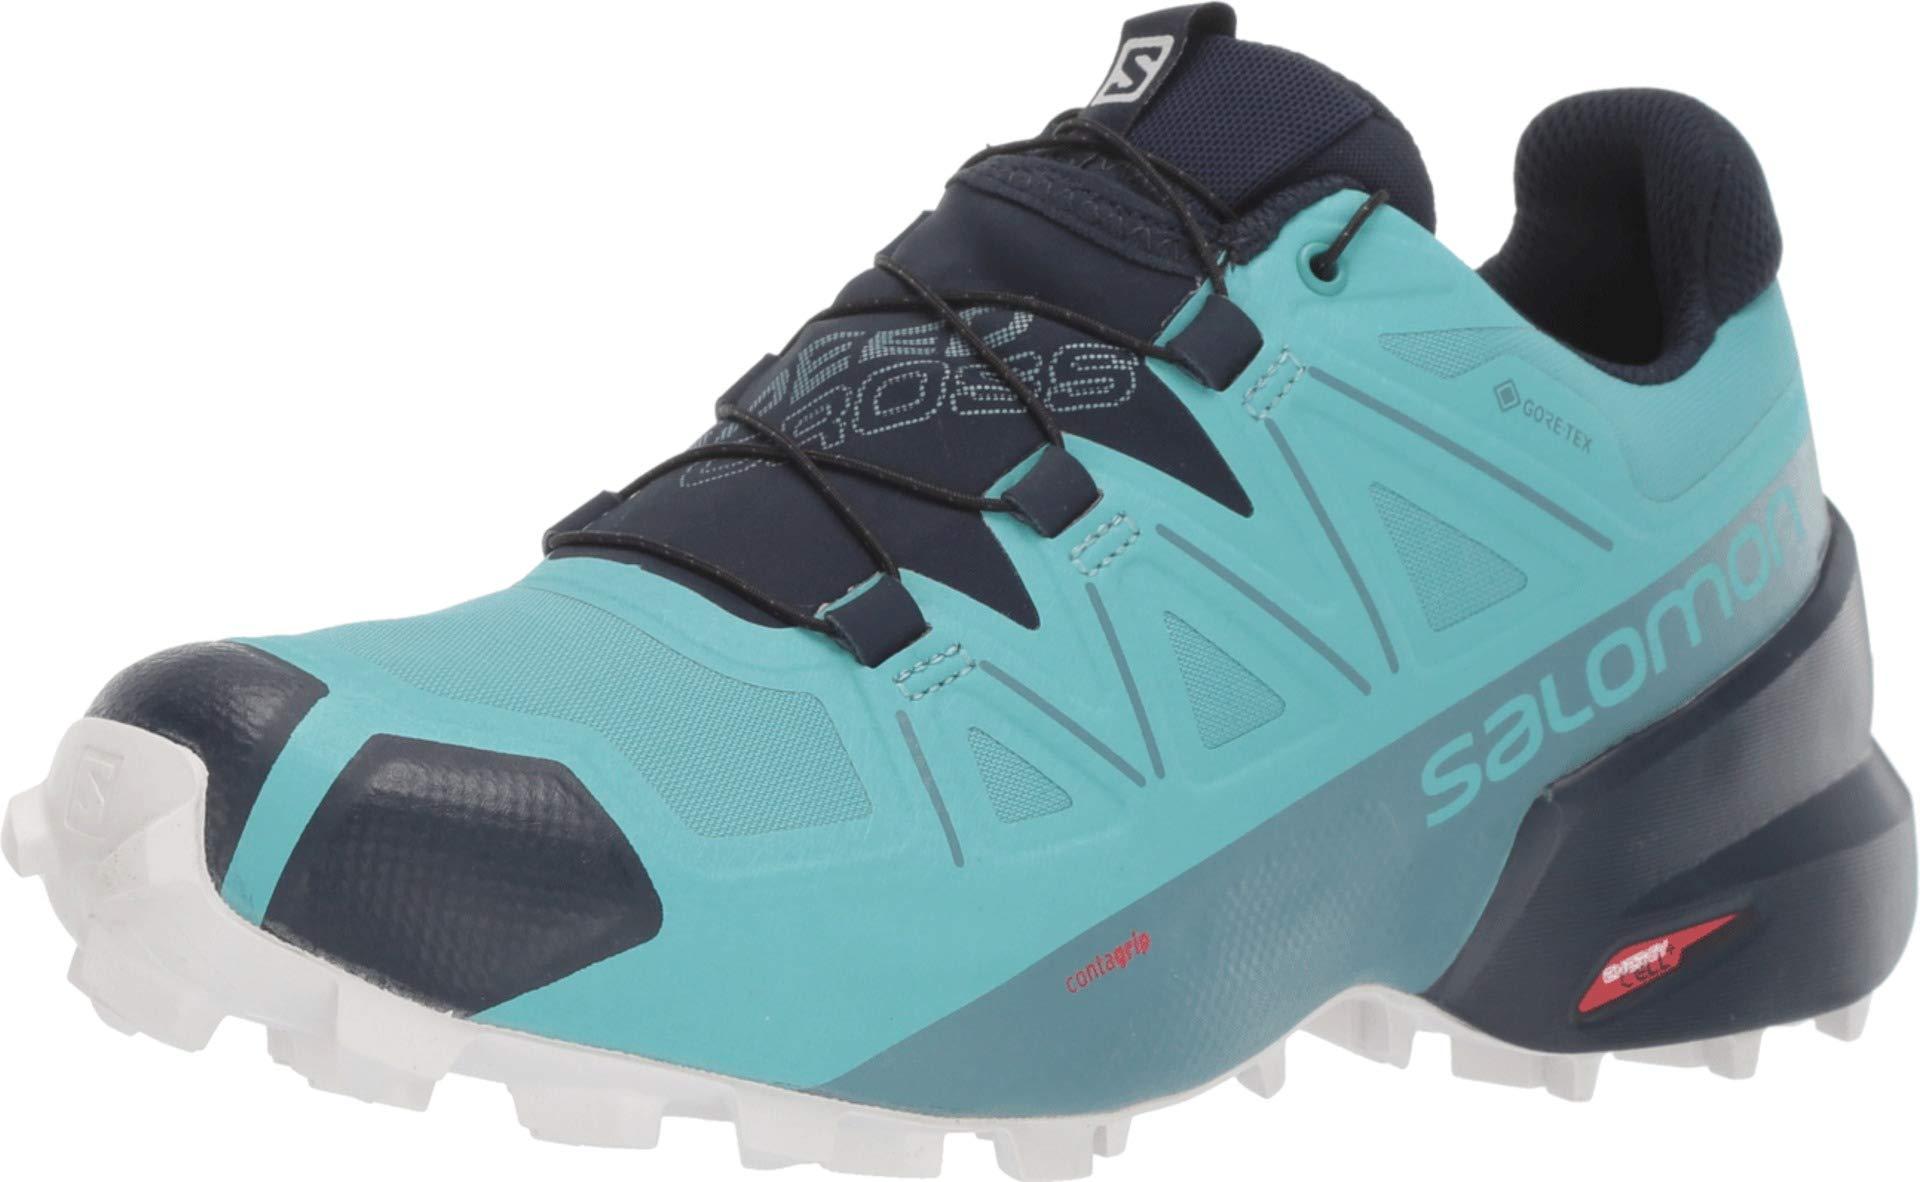 Salomon Women's Speedcross 5 GTX Trail Running Shoes, Meadowbrook/Navy Blazer/White San, 10.5 by SALOMON